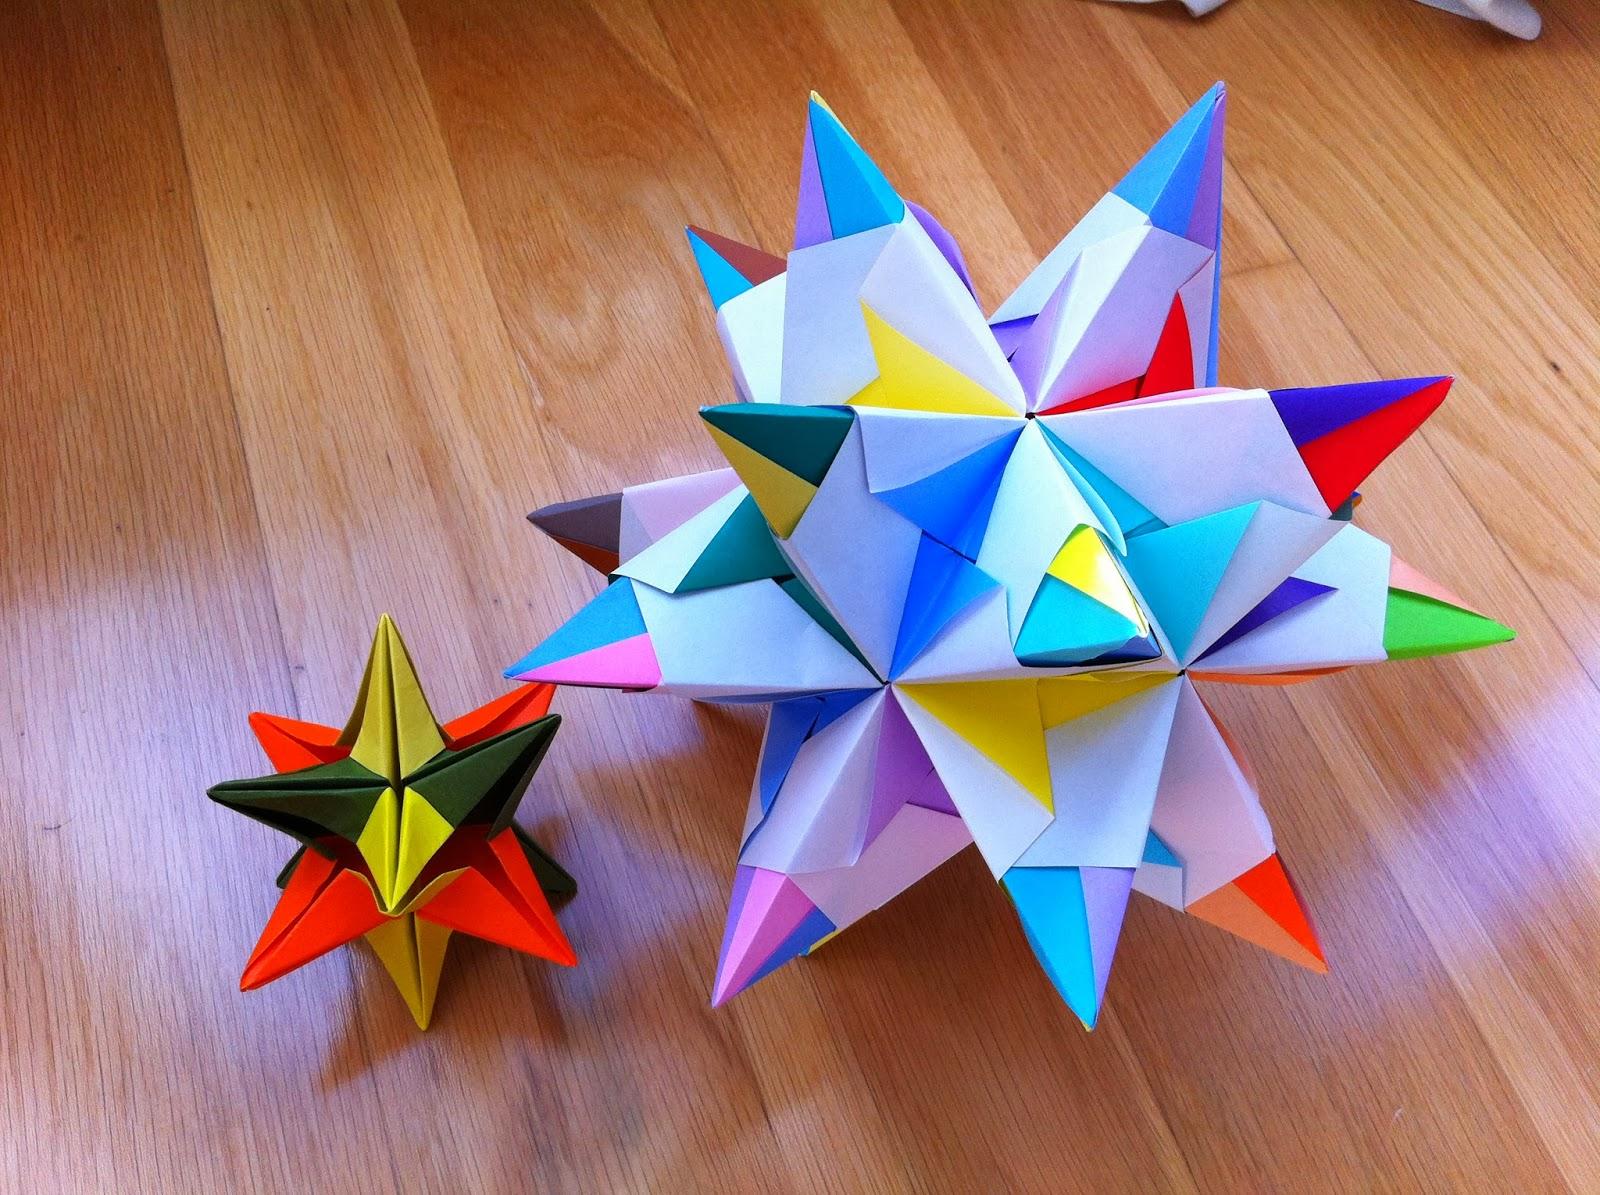 Mariposas de origami bascetta star o estrella polar - Origami de una estrella ...